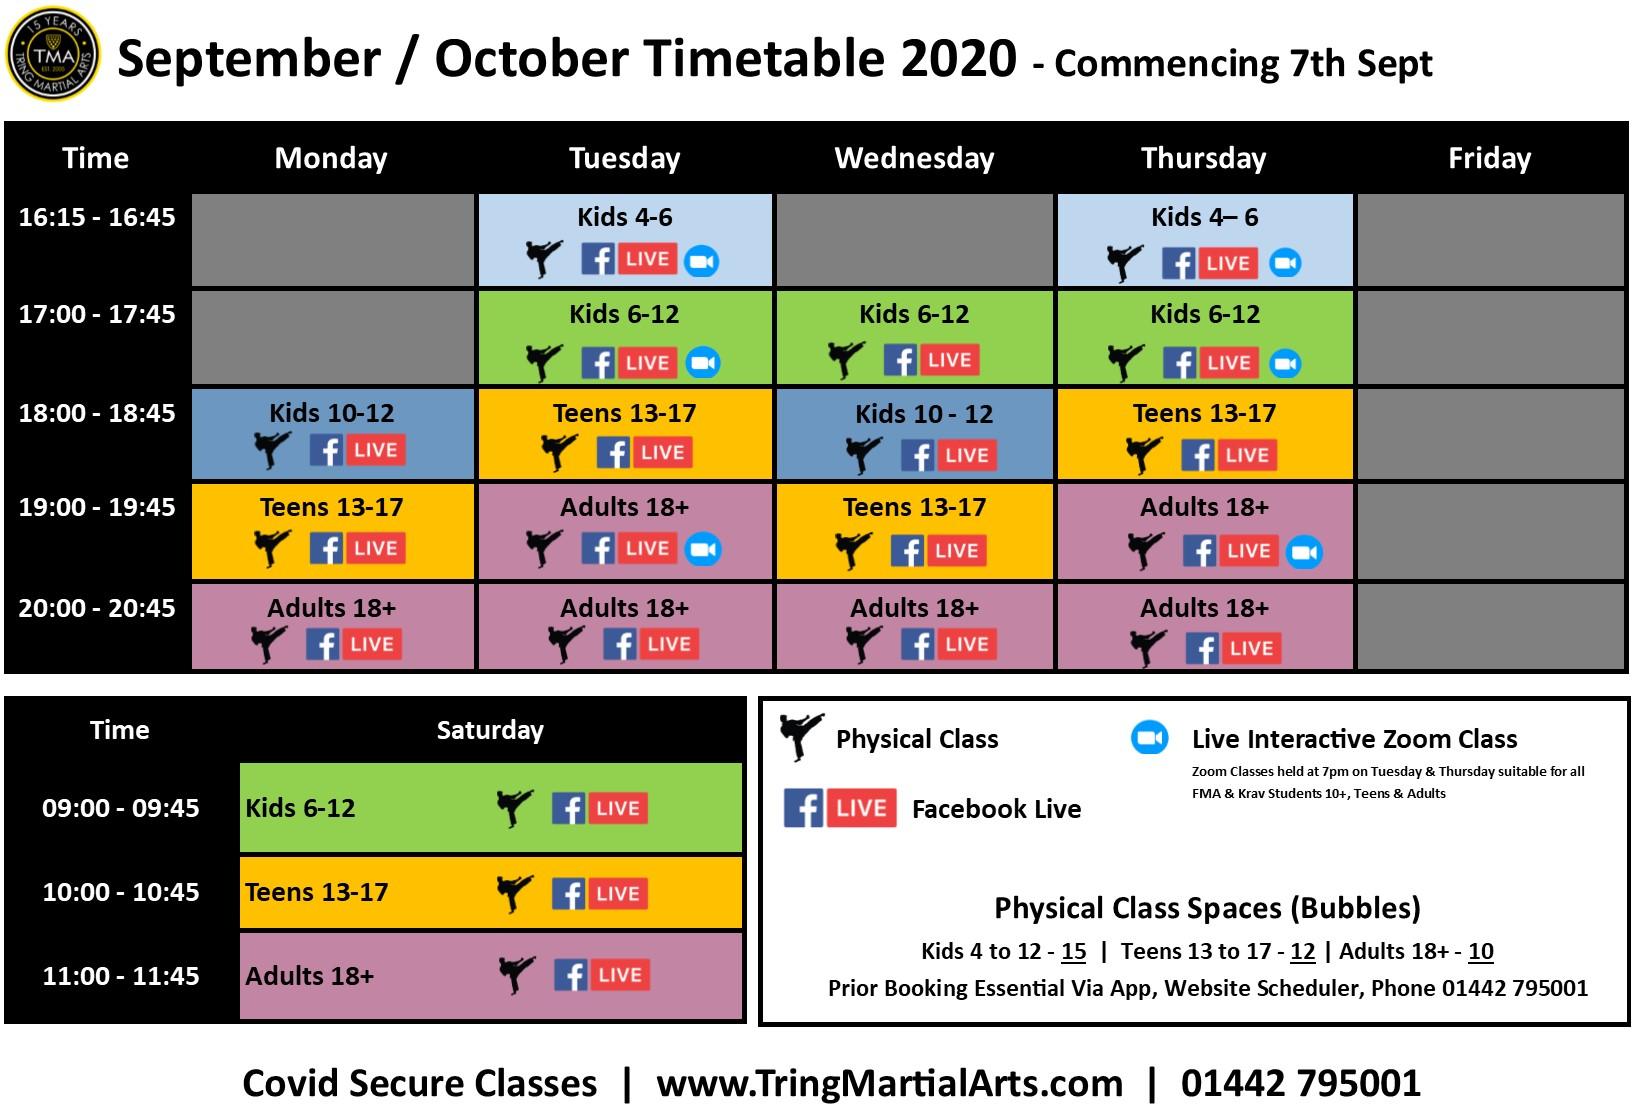 September 2020 Timetable